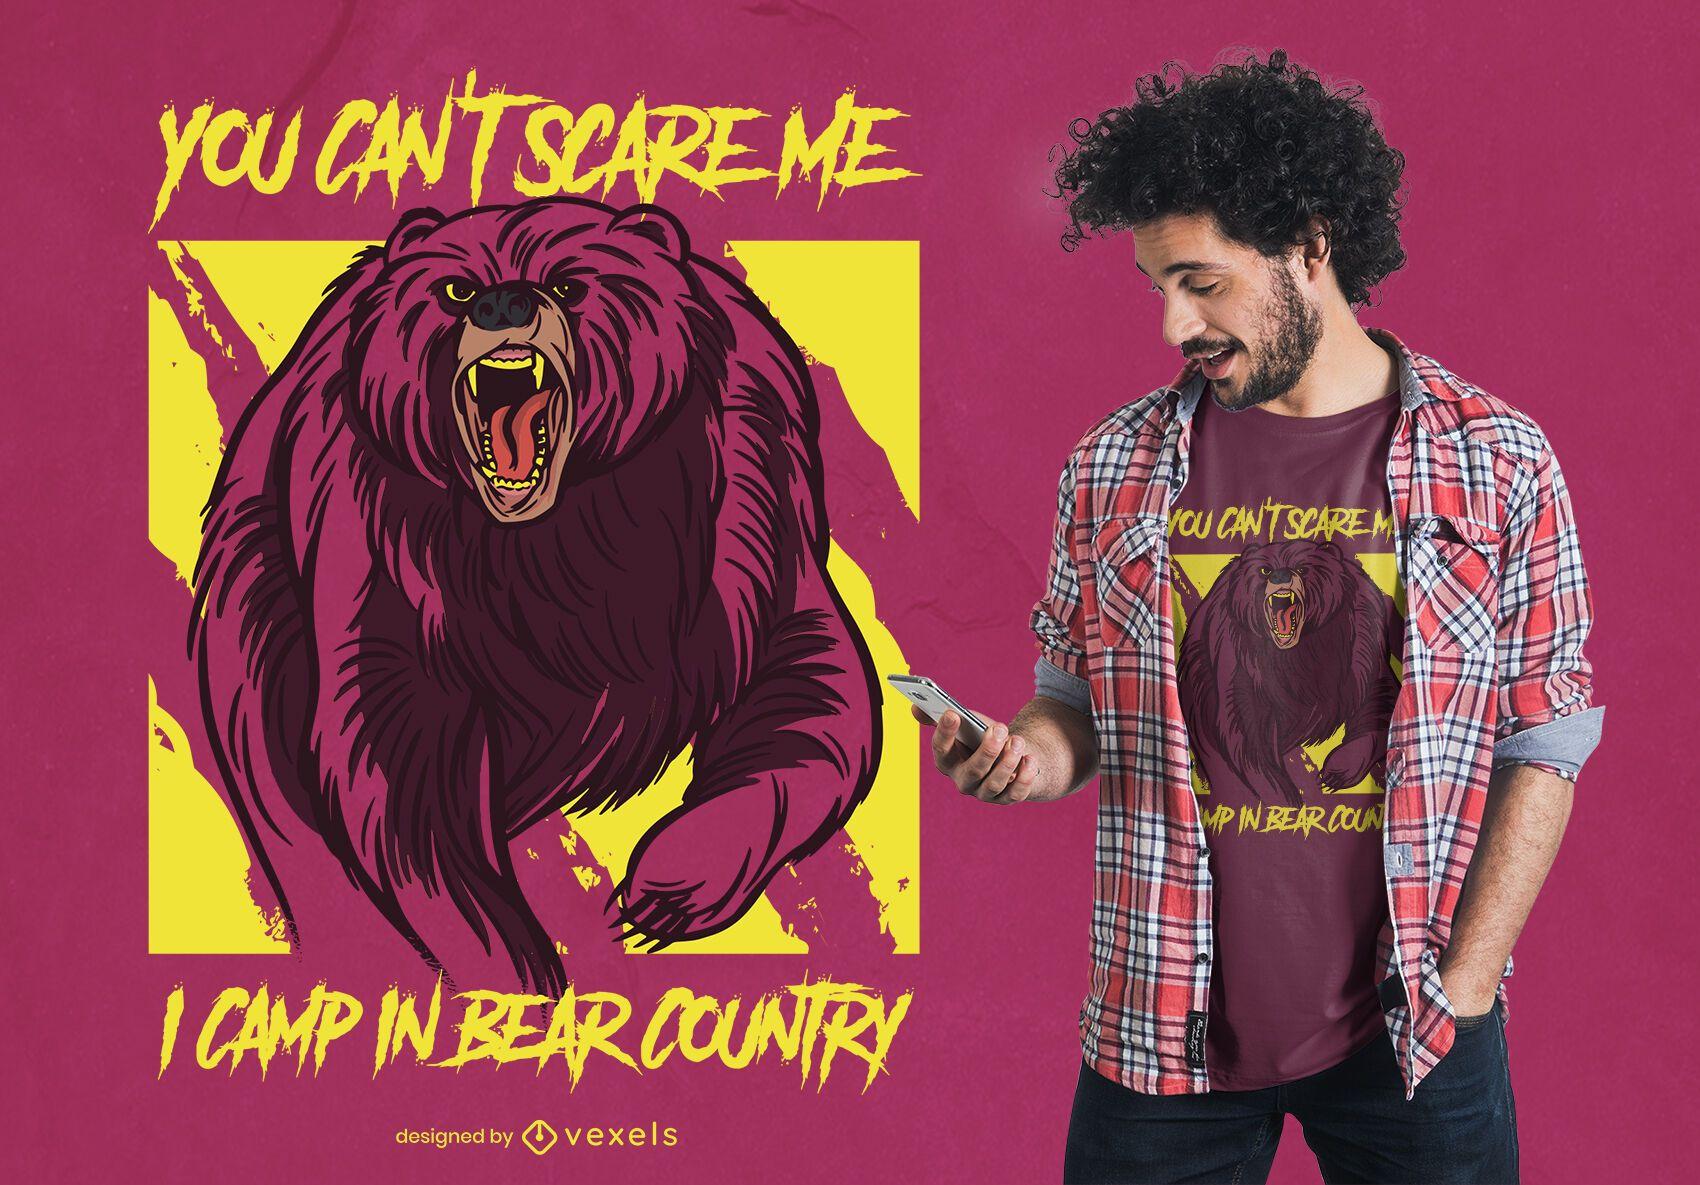 No puedes asustarme diseño de camiseta